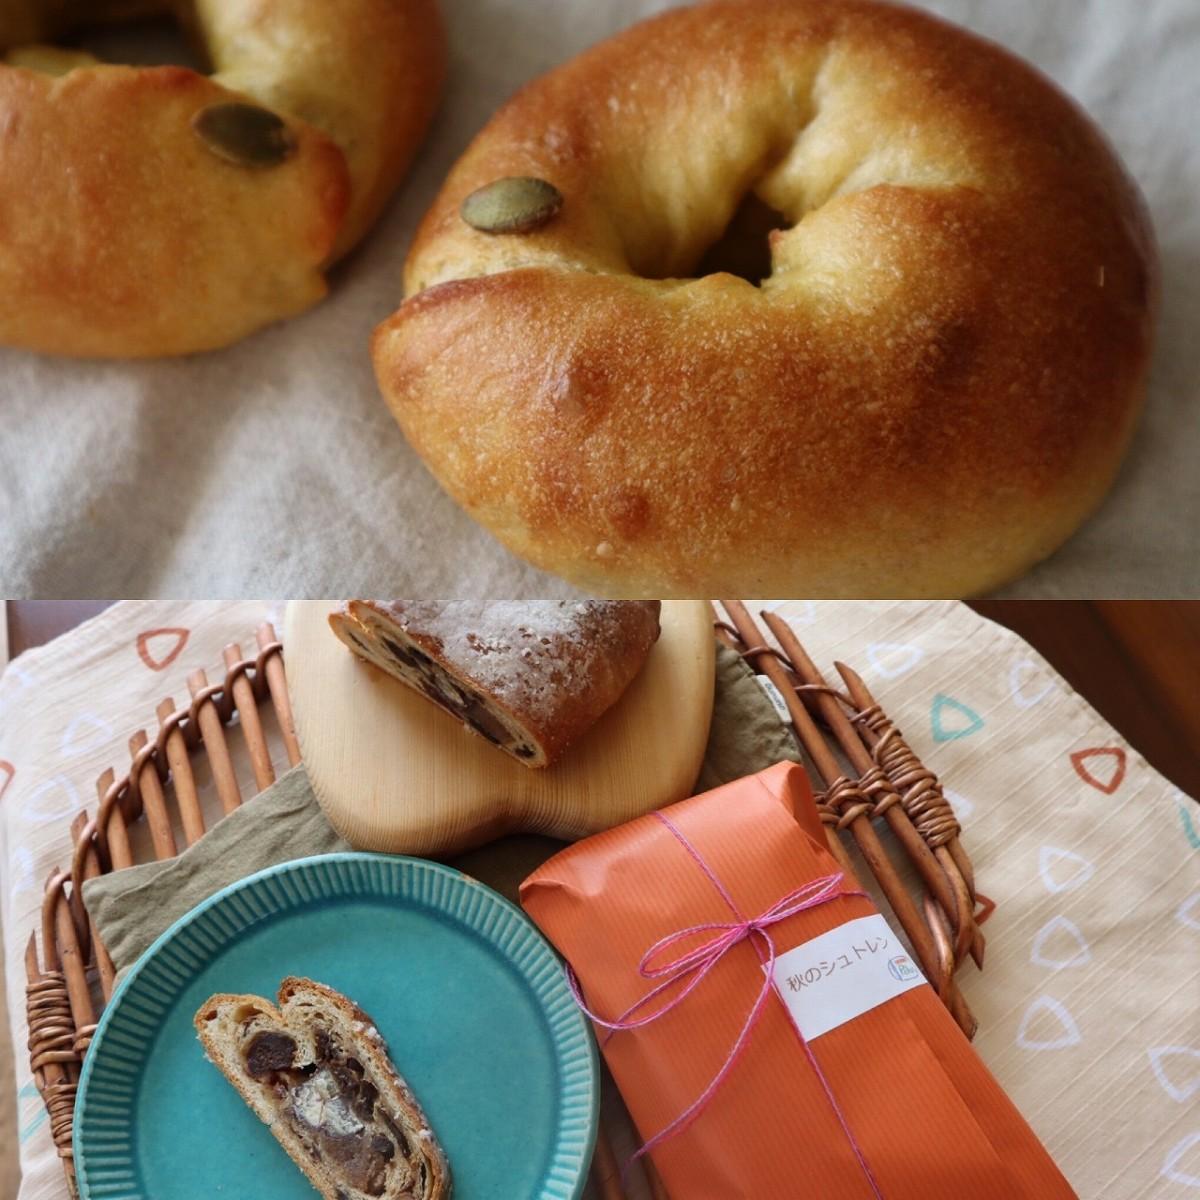 パン工房Polonの「秋のシュトレン」や「12時のベーグルバッグ」など